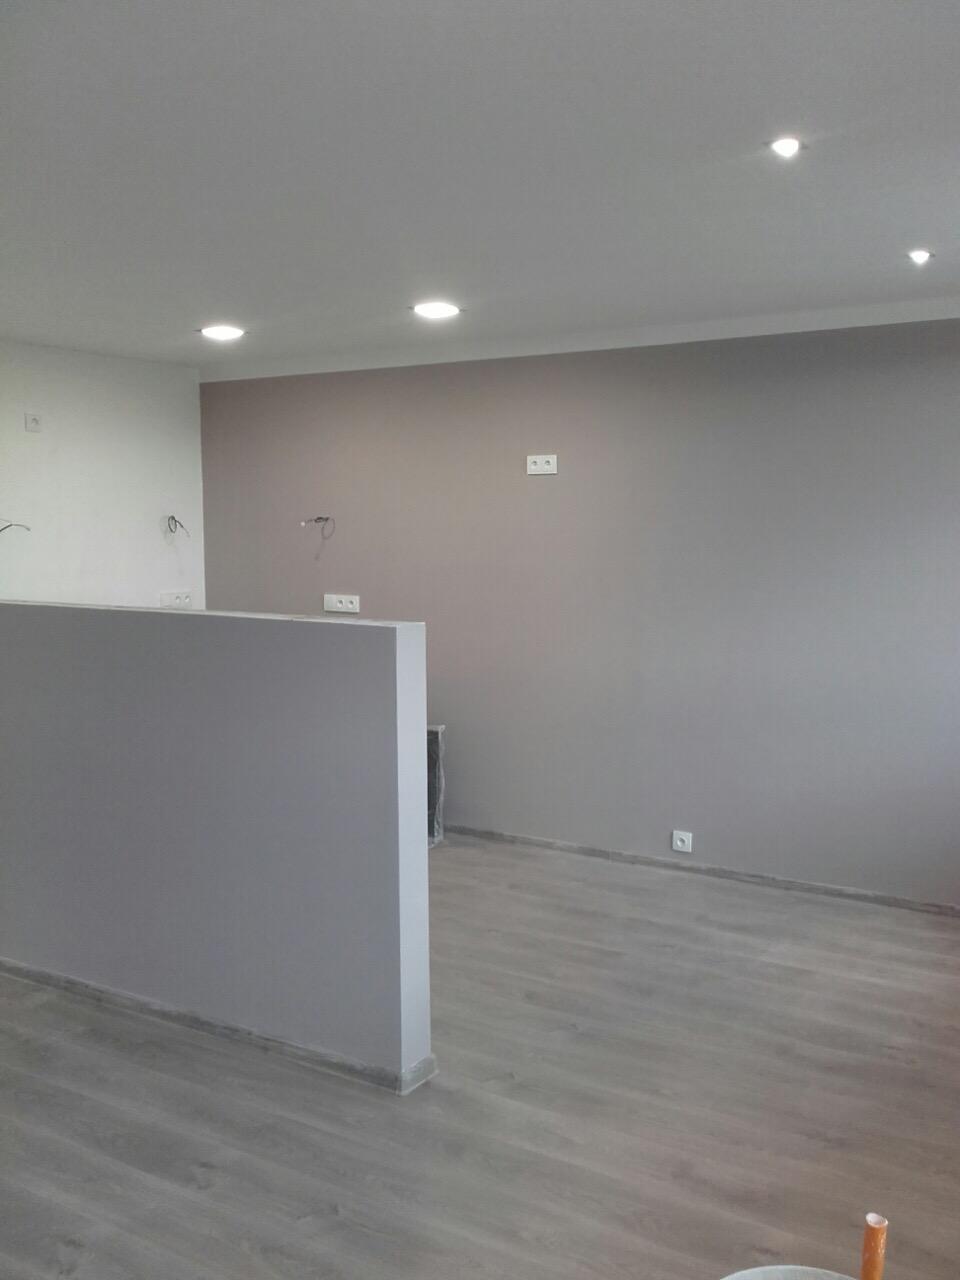 Rekonstrukce panelákového bytu Praha 13, Janského ul. 5